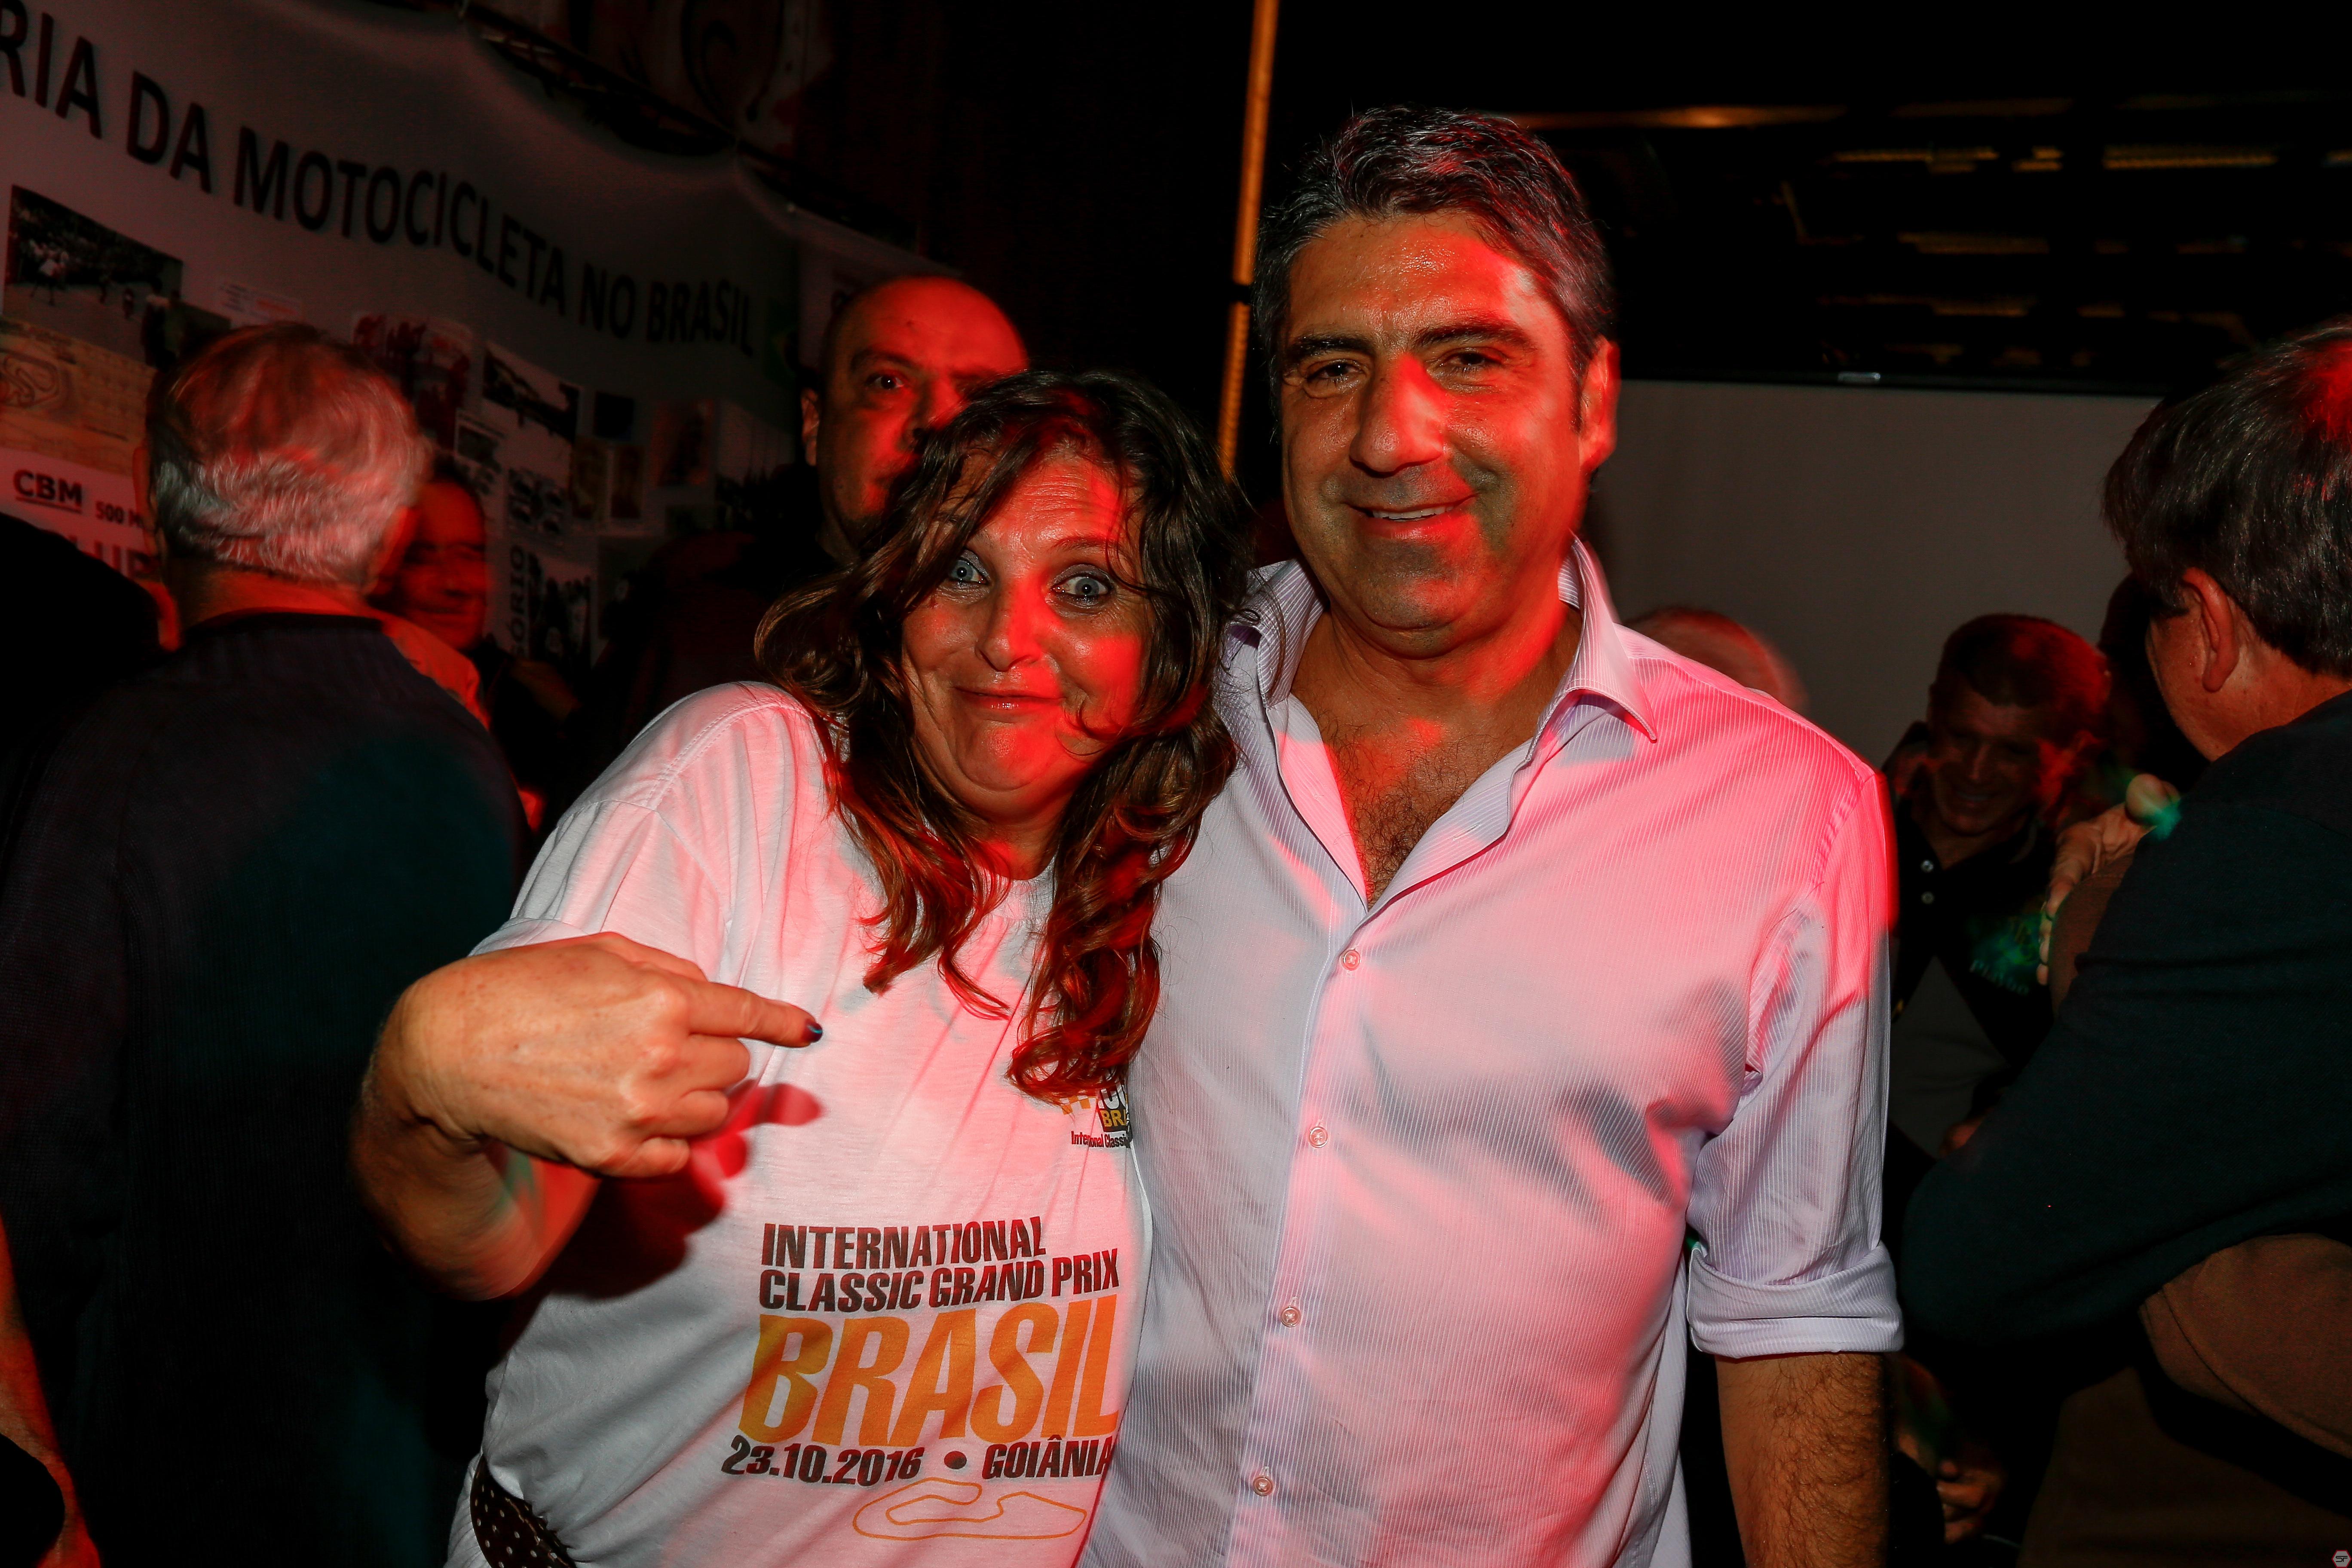 Maria Celeste Sarachú e Antonio Jorge Neto (Netinho) e noite de TZudos. Foto: Sampafotos